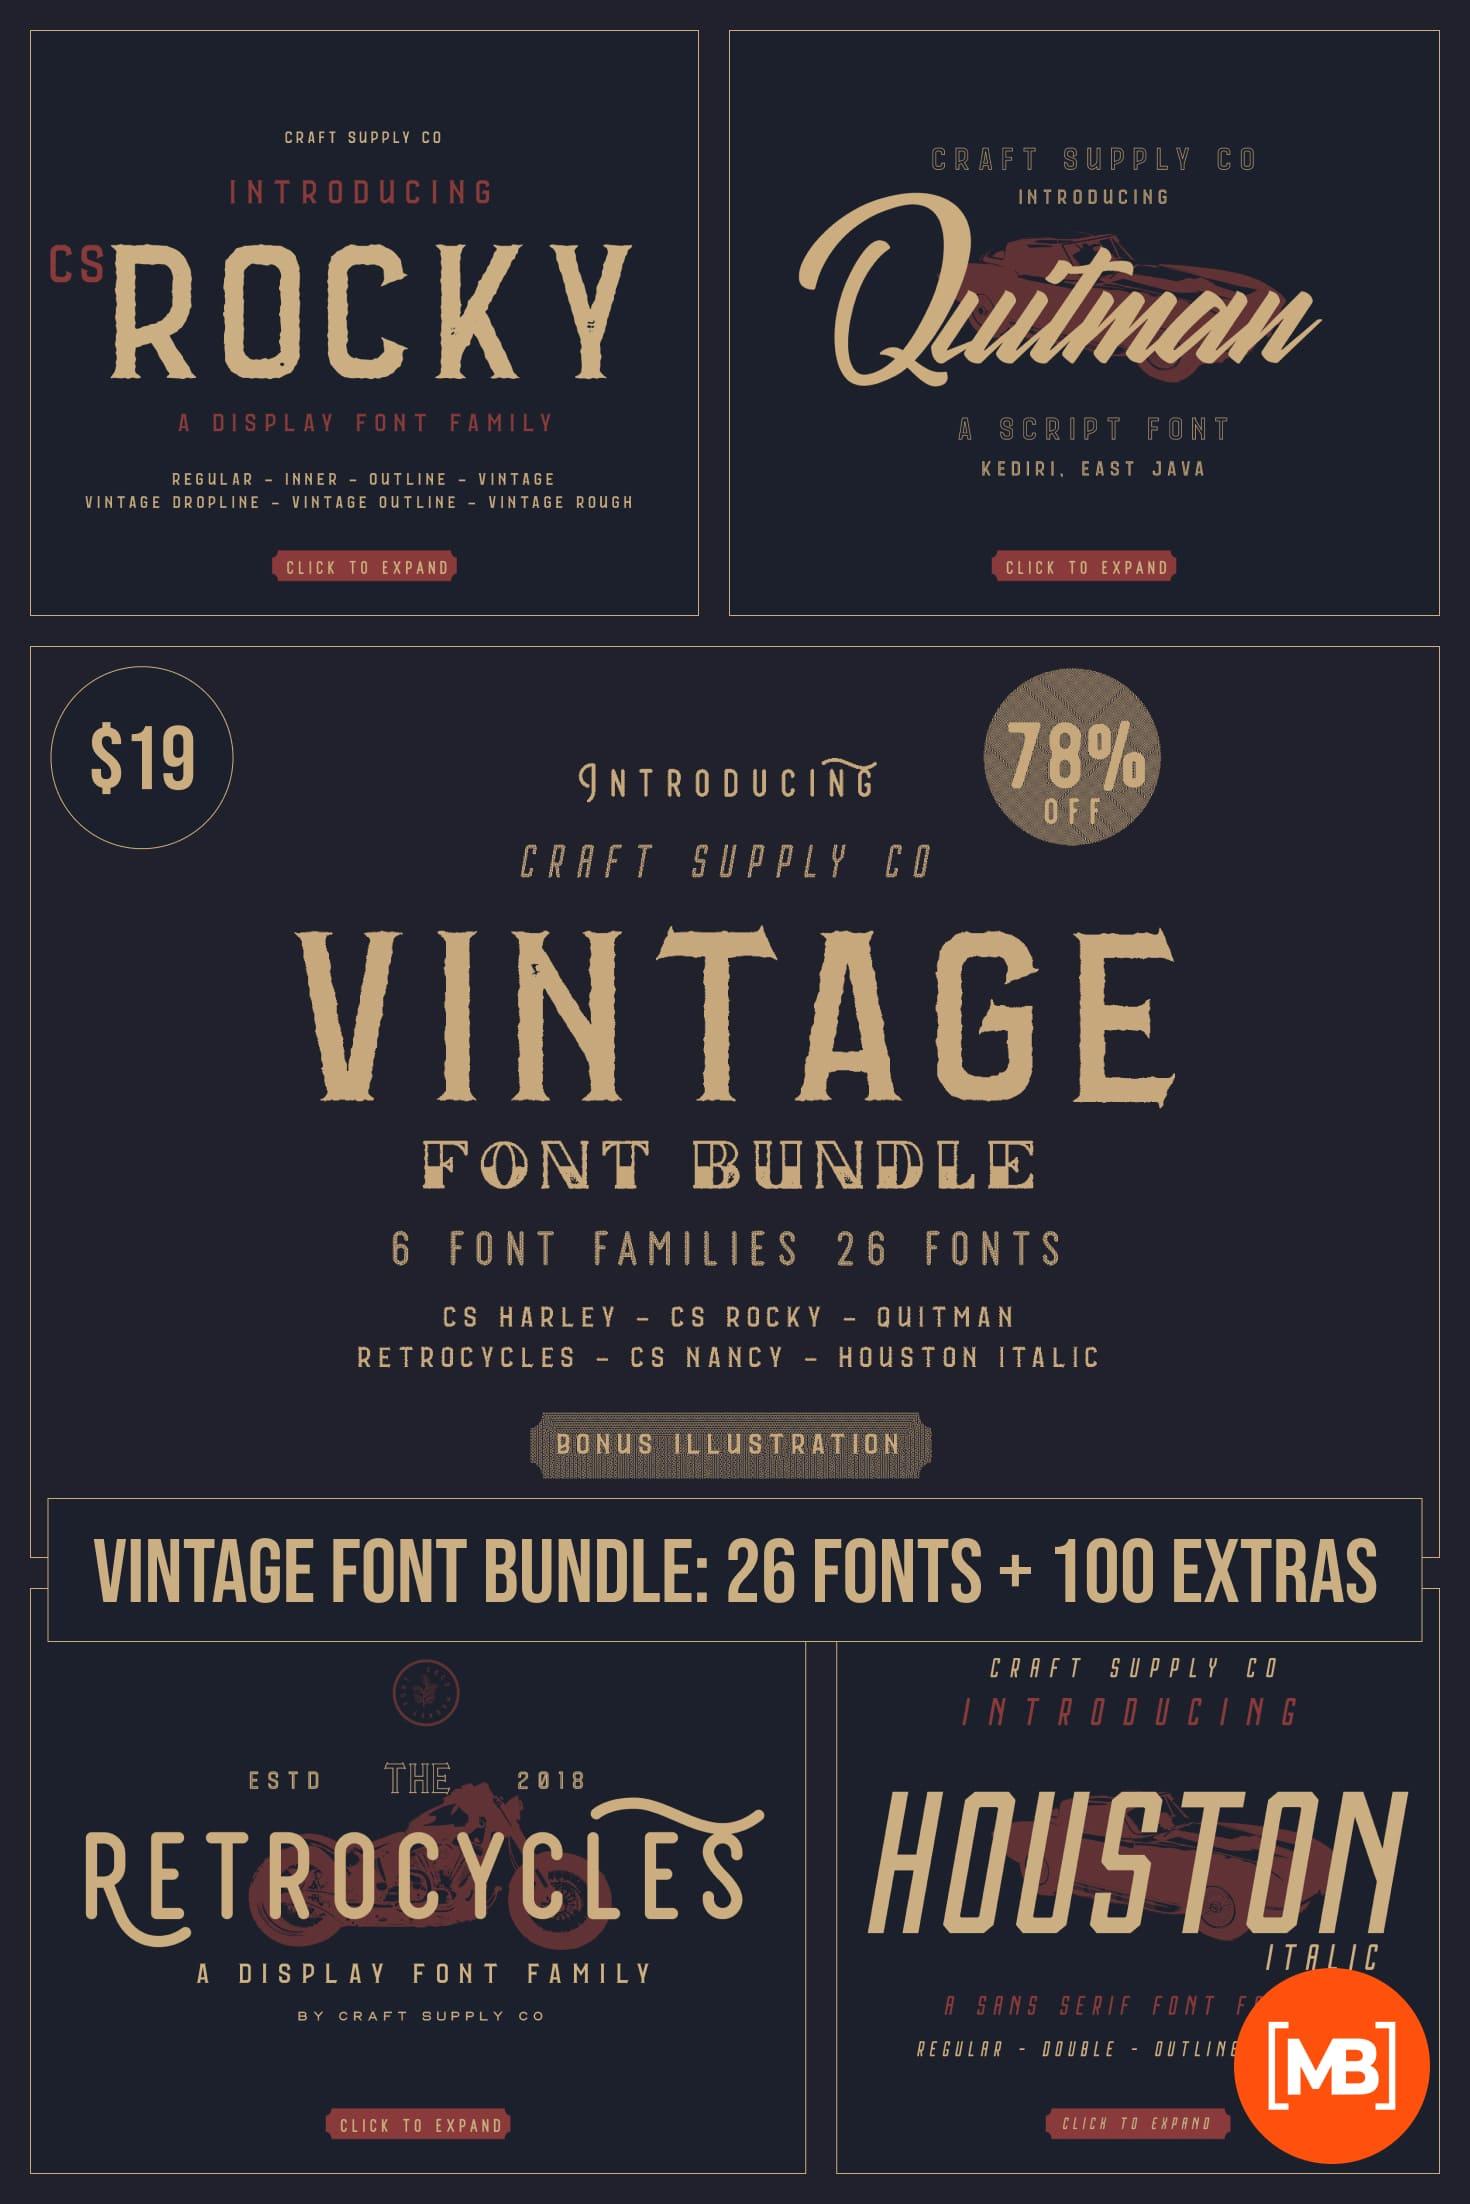 Vintage Font Bundle: 26 fonts + 100 extras - just $19. Collage Image.